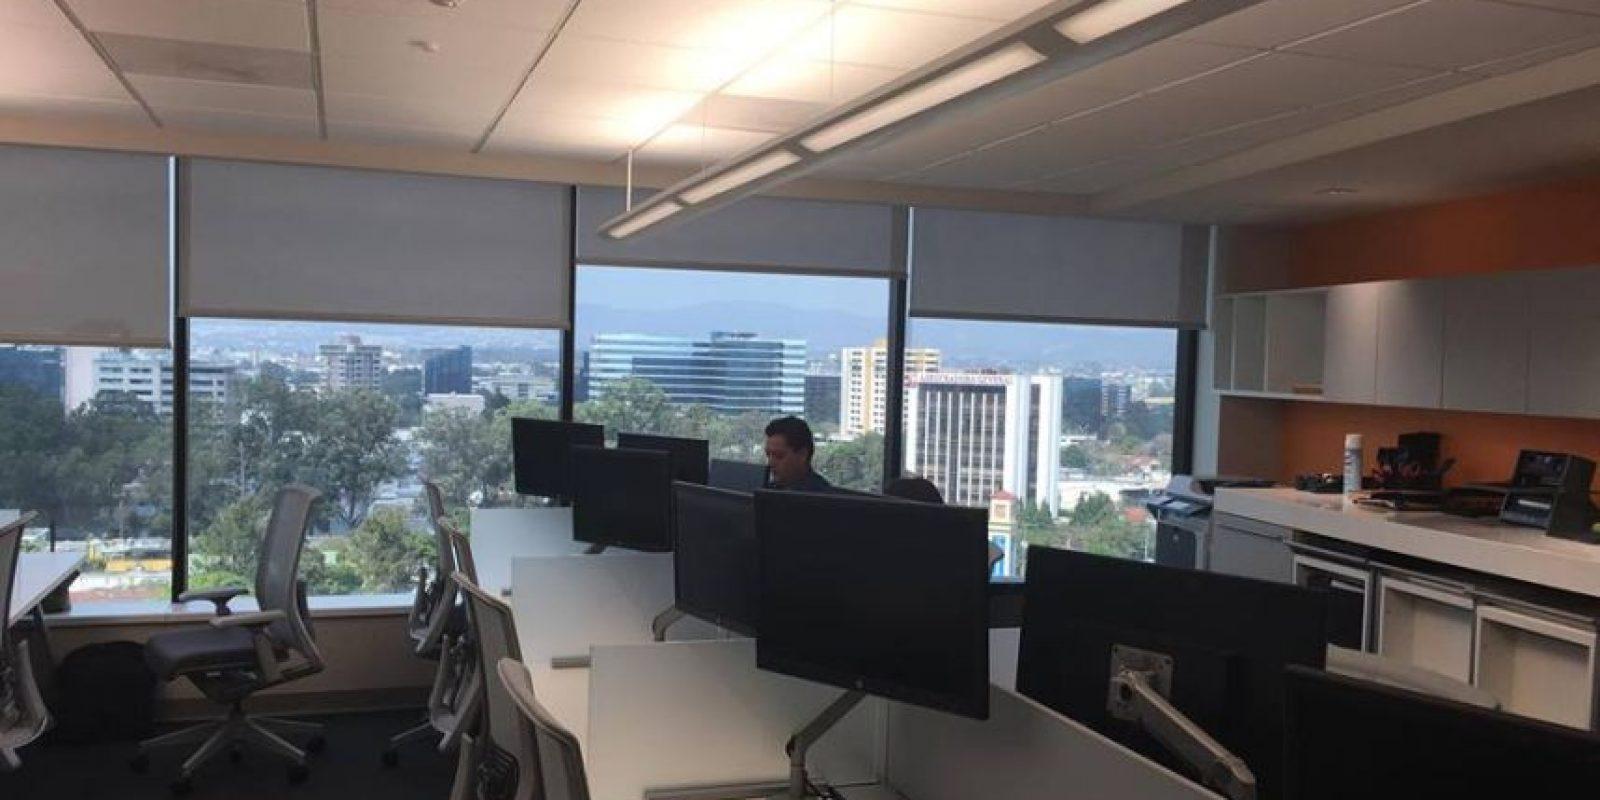 Las oficinas de Microsoft en Guatemala se encuentran ubicadas en zona 10. Foto:Publinews